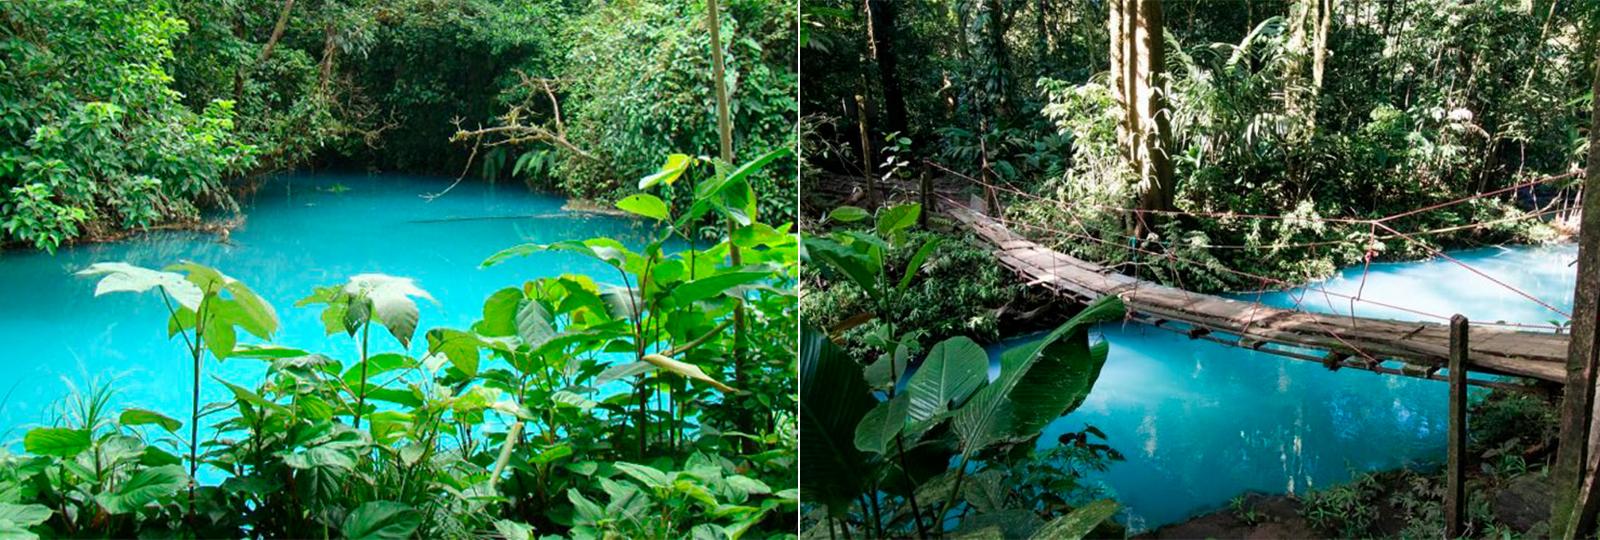 Rio azul turquesa na Costa Rica cria uma incrível ilusão de ótica natural